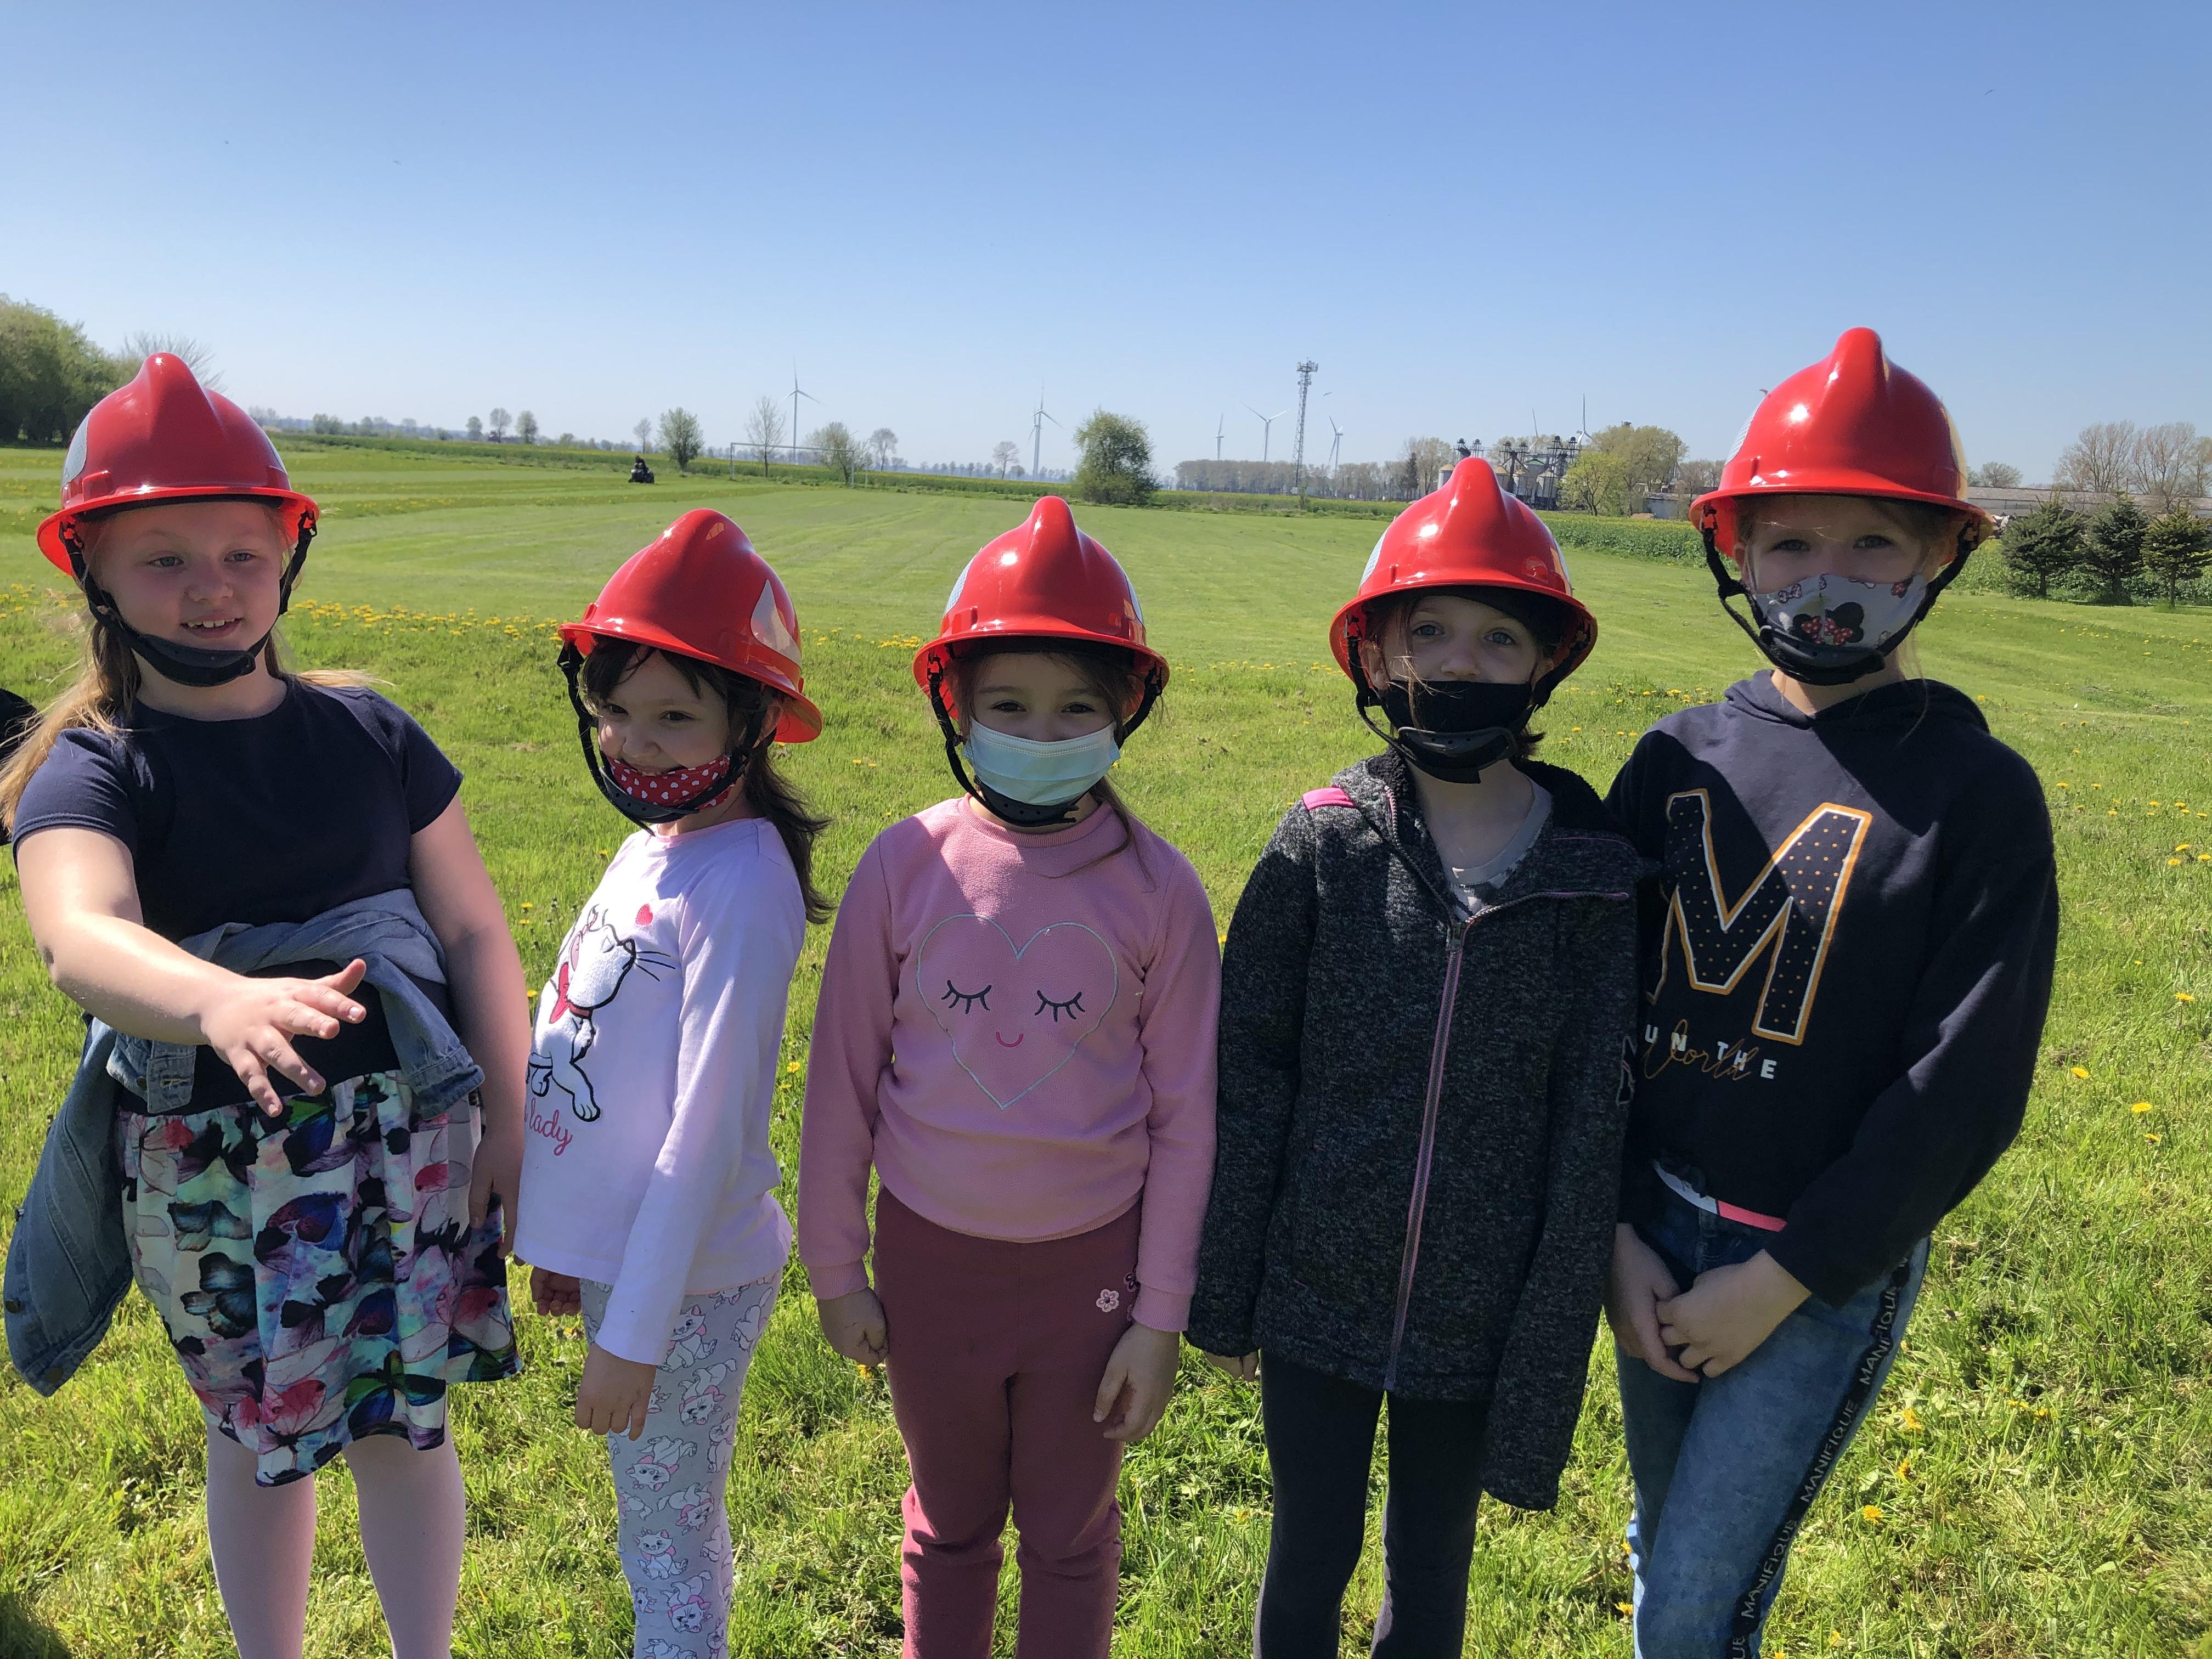 uczniowie z klasy pierwszej i trzeciej w kaskach strażackich